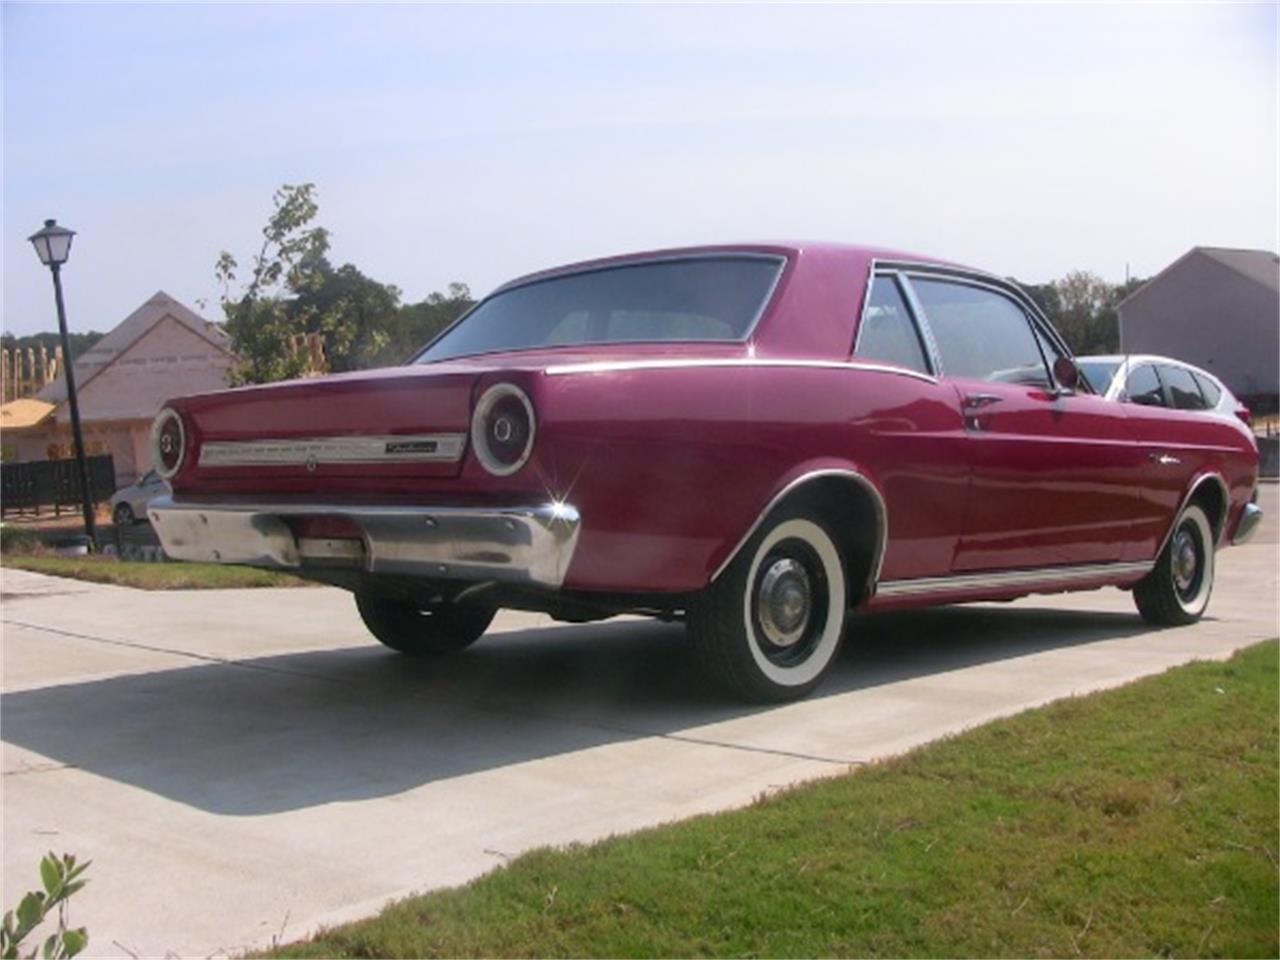 1966 Ford Falcon Futura (CC-1386218) for sale in Cornelius, North Carolina